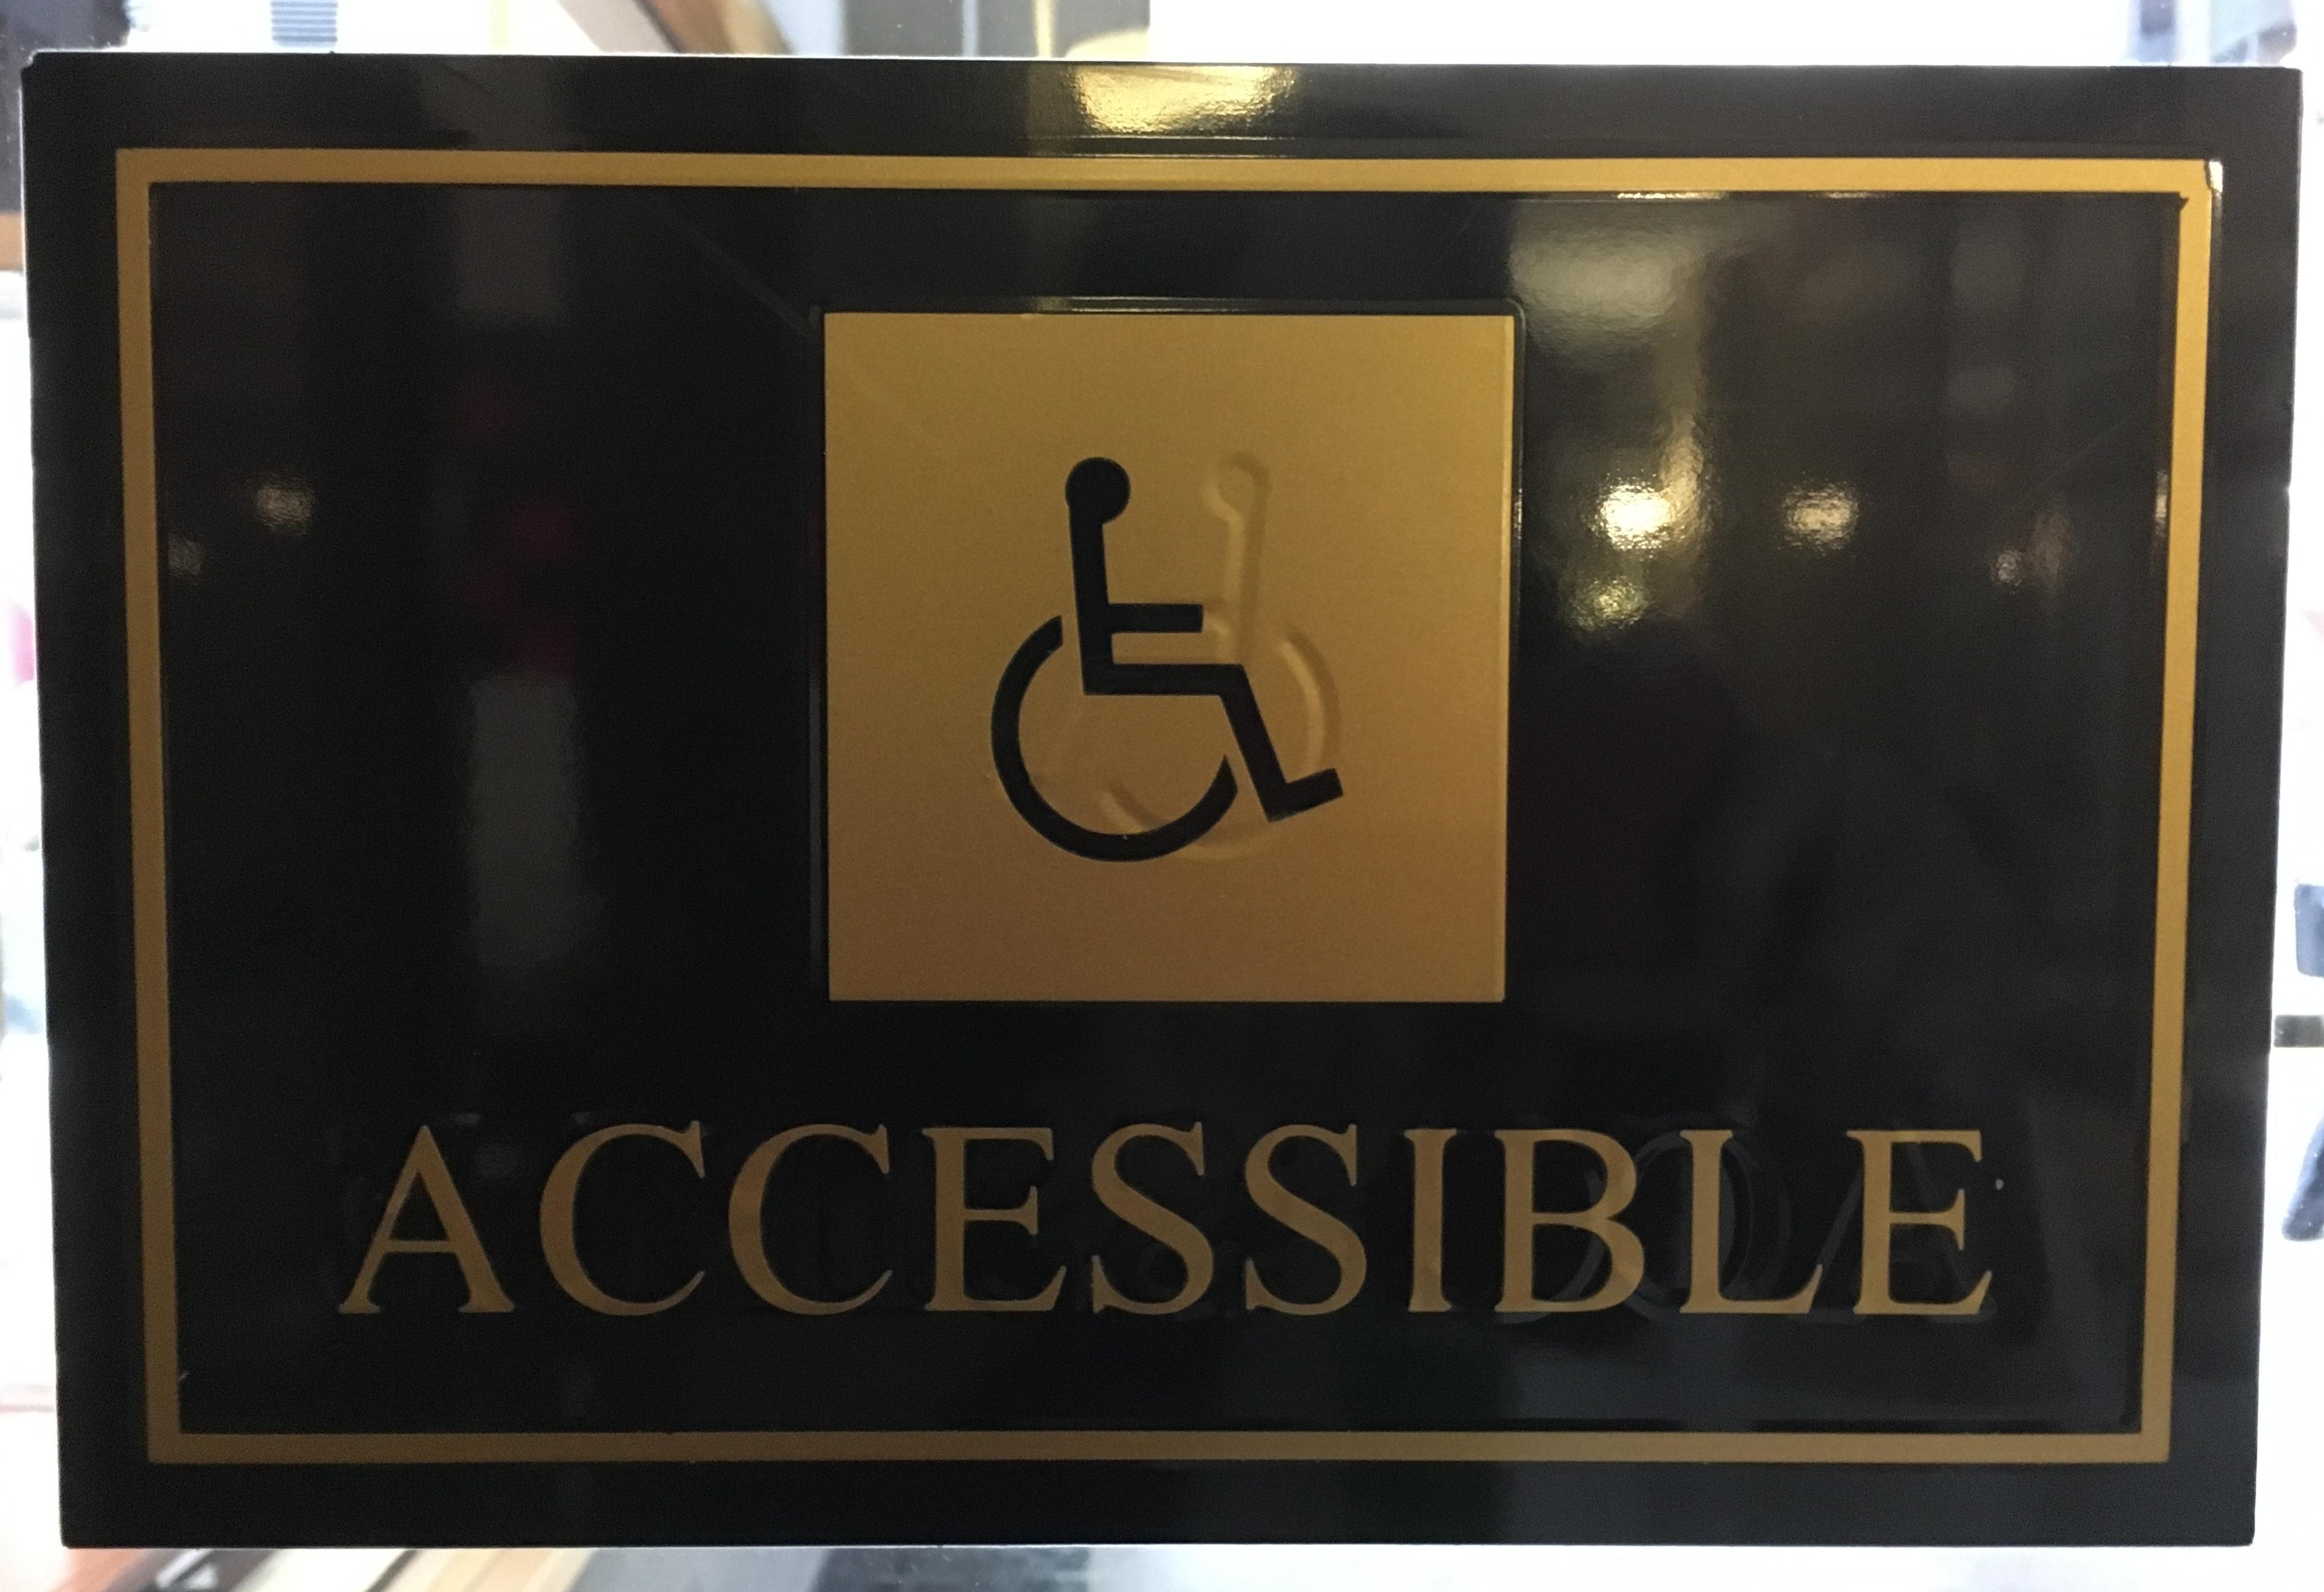 Accessible_door_sign-2.jpg